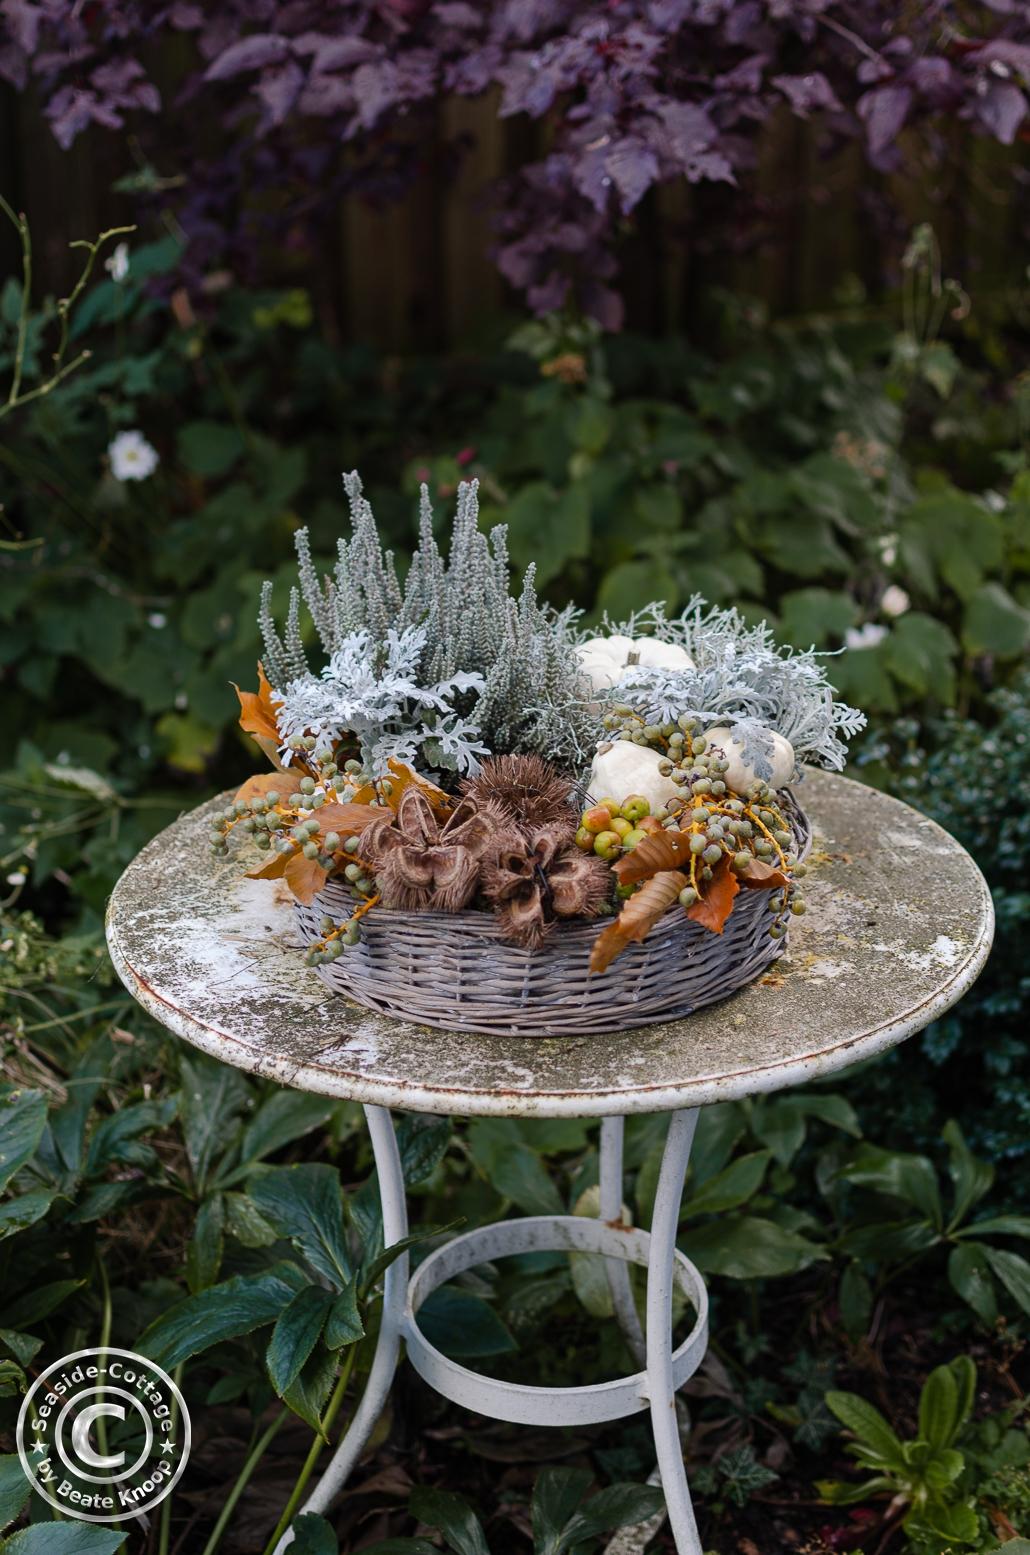 Pflanzring herbstlich dekoriert mit Naturdeko, auf einem verweitterten Gartentisch arrangiert